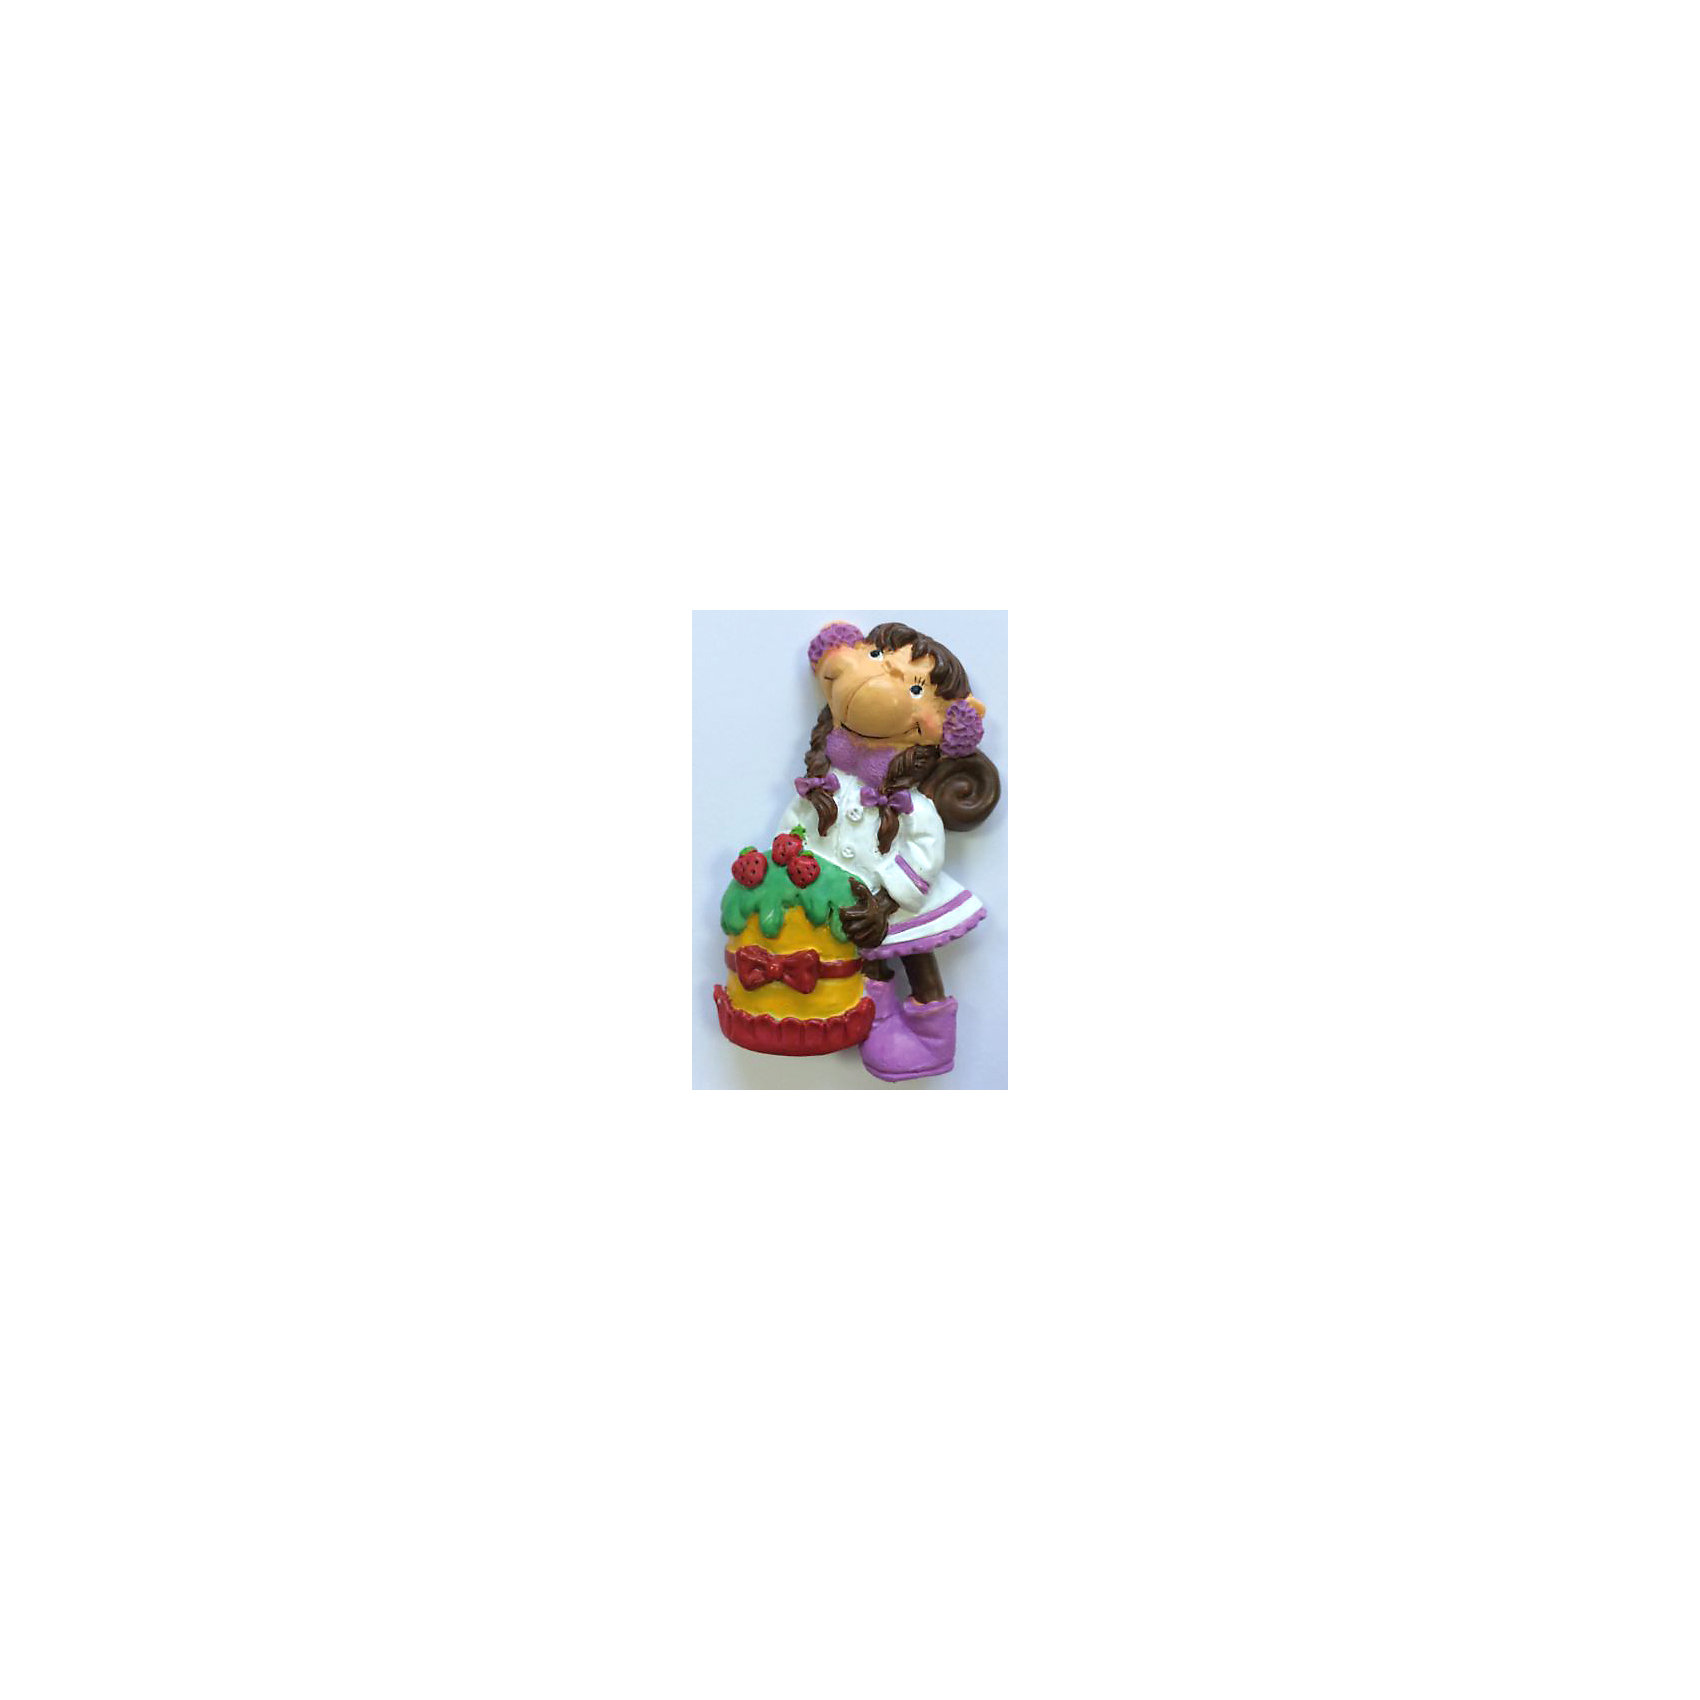 Декоративная обезьяна С тортомДекоративная обезьянка С тортом, Феникс-Презент, прекрасно дополнит Ваш новогодний интерьер и станет приятным сувениром для родных и друзей. Очаровательная обезьянка в нарядном белом платье держит в лапках праздничный торт, сзади у фигурки имеется магнитное крепление. Обезьяна является символом Нового 2016 года, забавная фигурка принесет Вам радость и удачу и поднимет настроение.  <br><br>Дополнительная информация:<br><br>- Материал: полирезина. <br>- Размер фигурки: 4 х 7 х 1,5 см.<br><br>Декоративную обезьянку С тортом, Феникс-Презент, можно купить в нашем интернет-магазине.<br><br>Ширина мм: 50<br>Глубина мм: 80<br>Высота мм: 25<br>Вес г: 100<br>Возраст от месяцев: 36<br>Возраст до месяцев: 2147483647<br>Пол: Унисекс<br>Возраст: Детский<br>SKU: 4276532